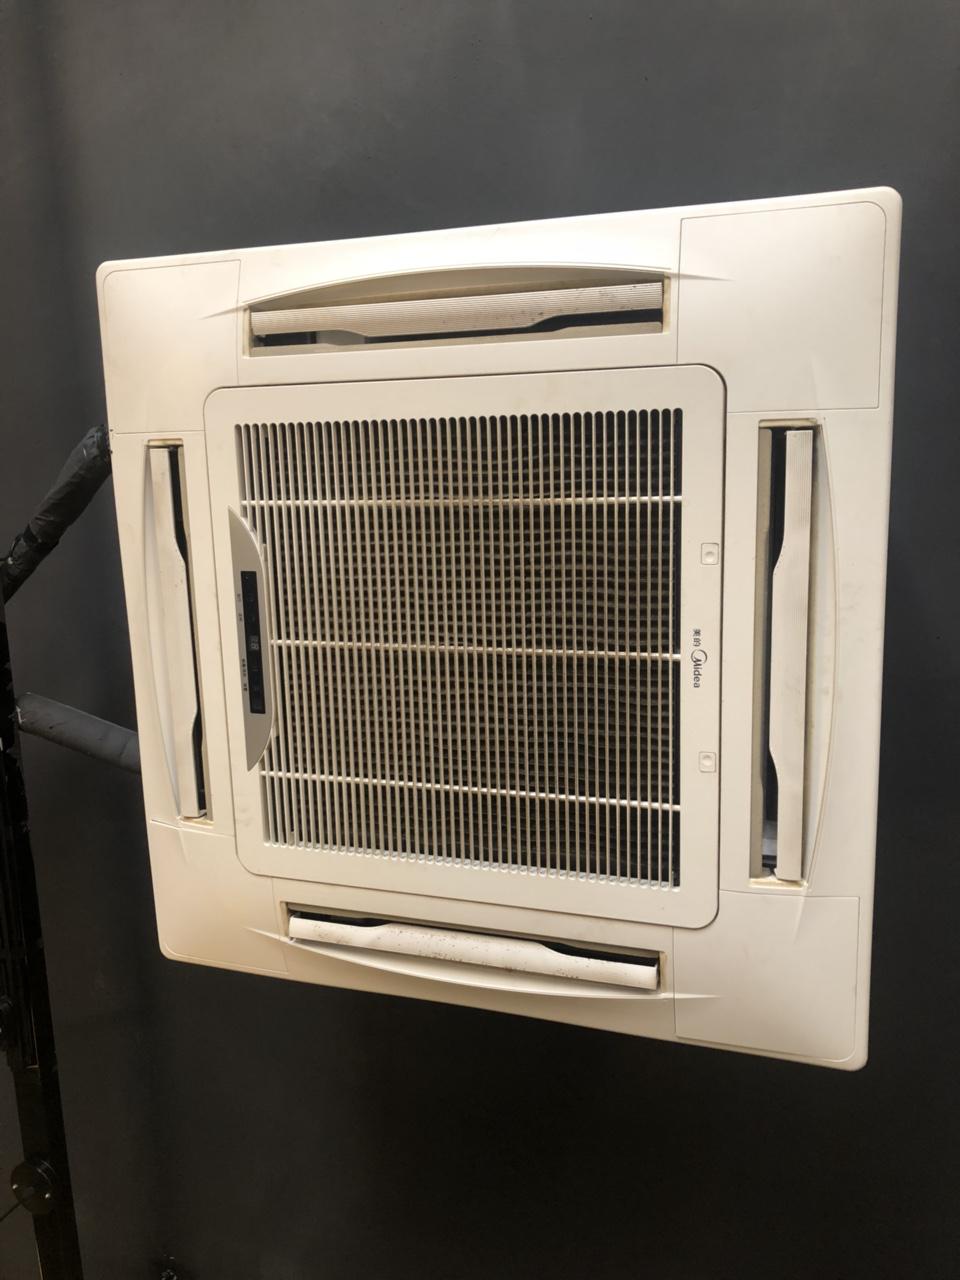 美的中央空调,价格可面议,一共有两台